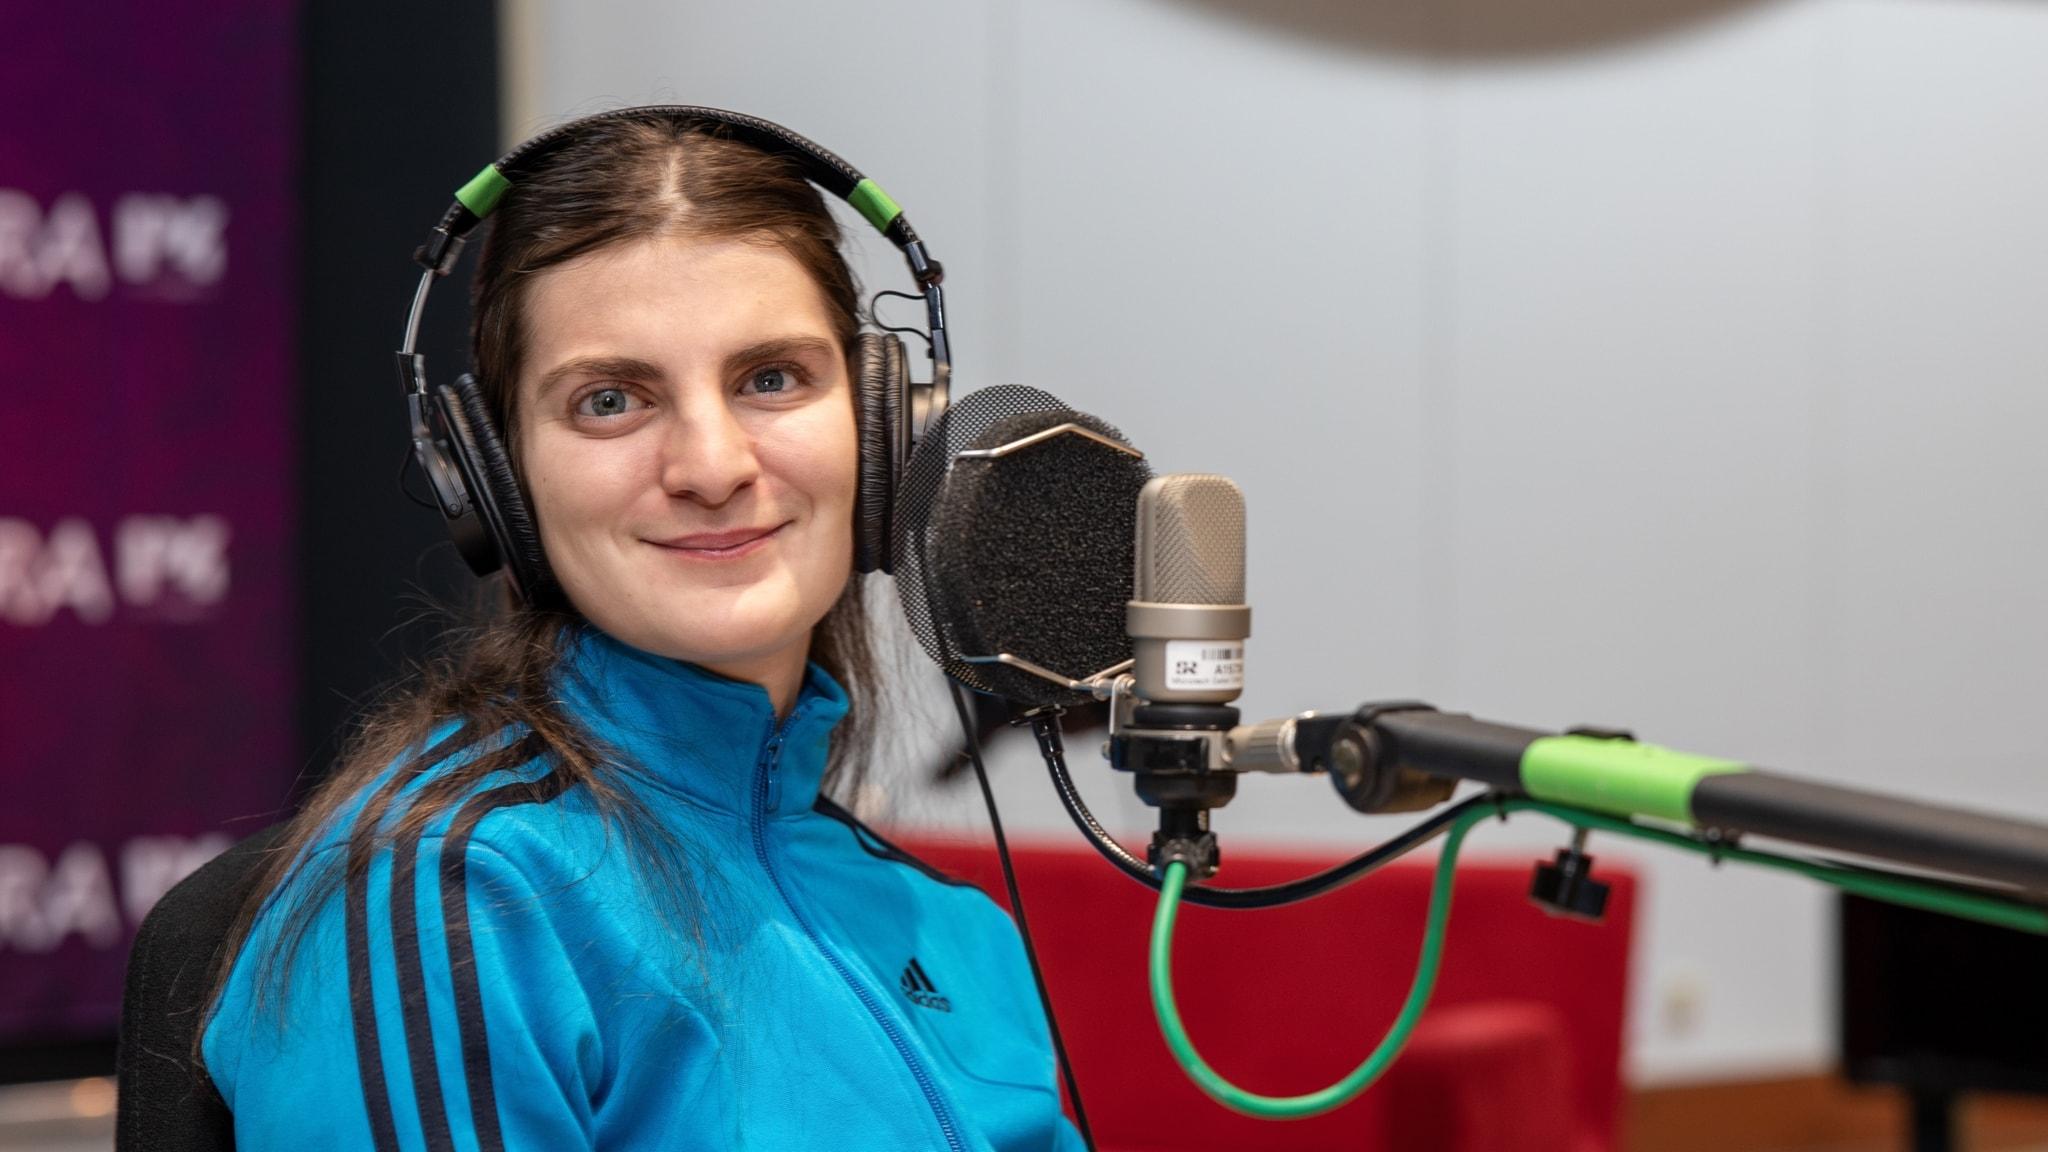 Mirjana Krisanovic förlorade synen vid 10 - nu är hon filmskapare